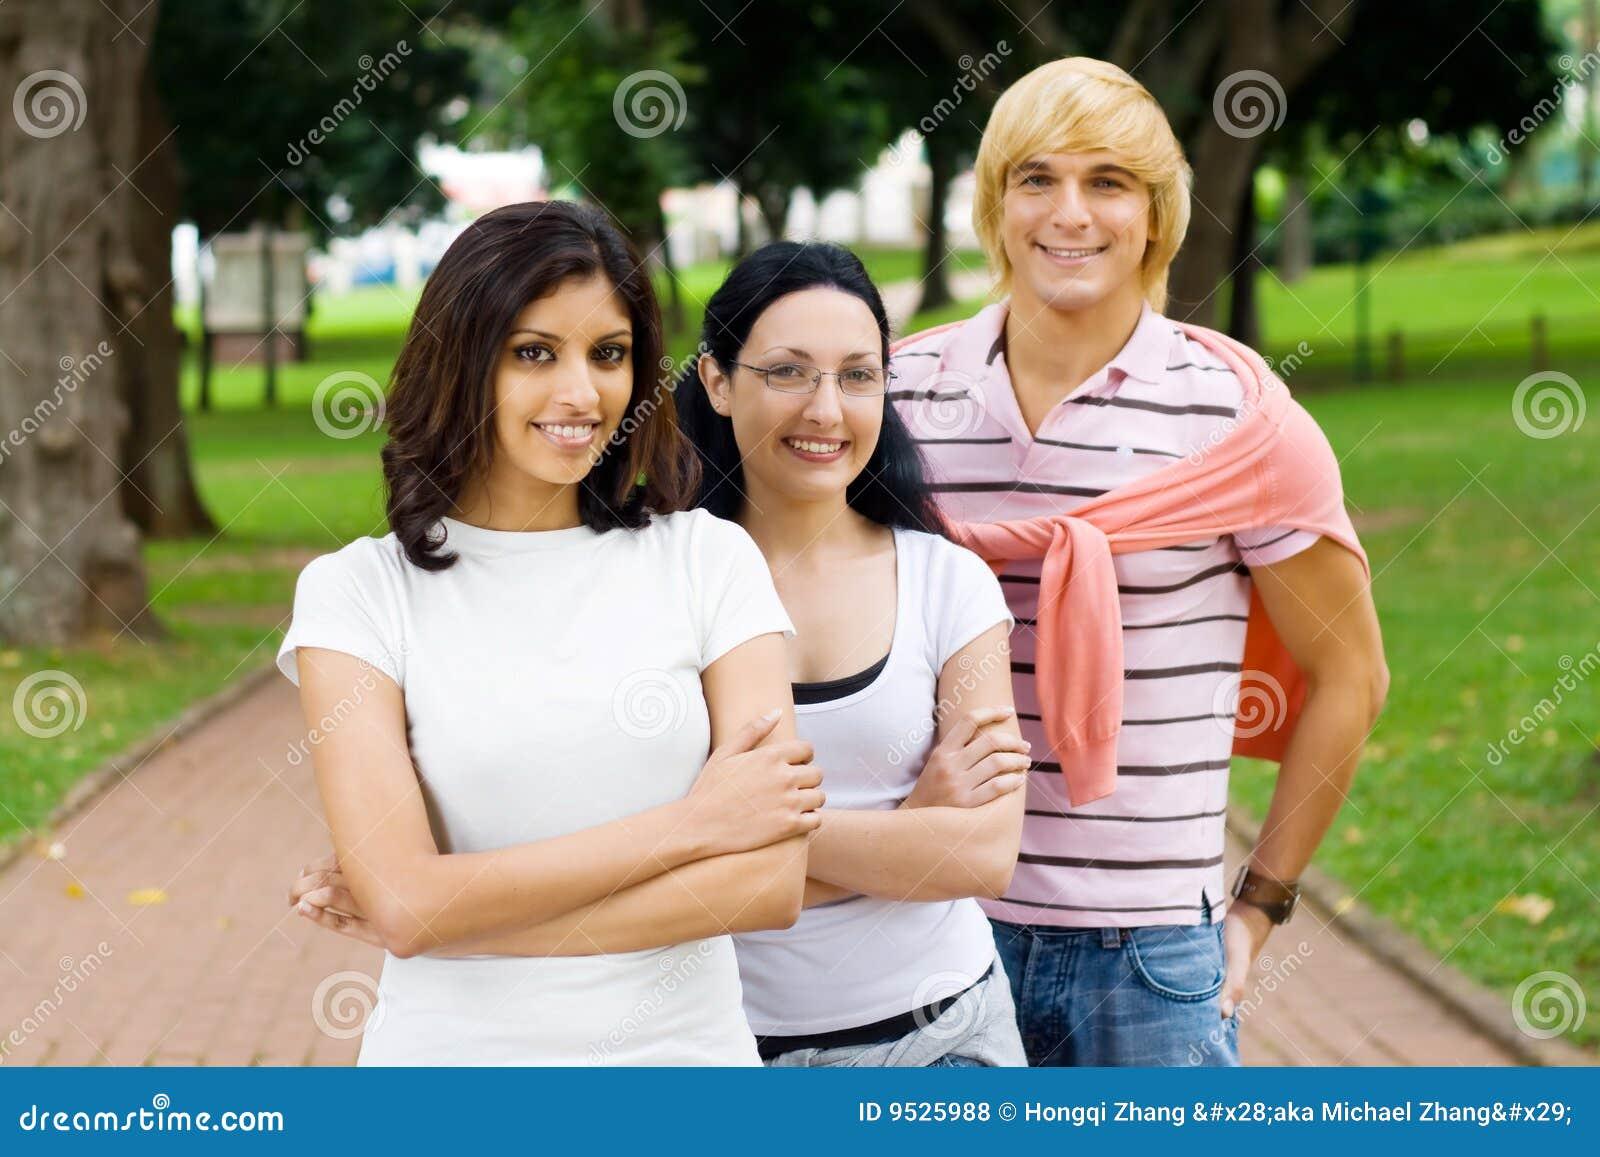 Photos pour Adolescents, Images de Adolescents libres de